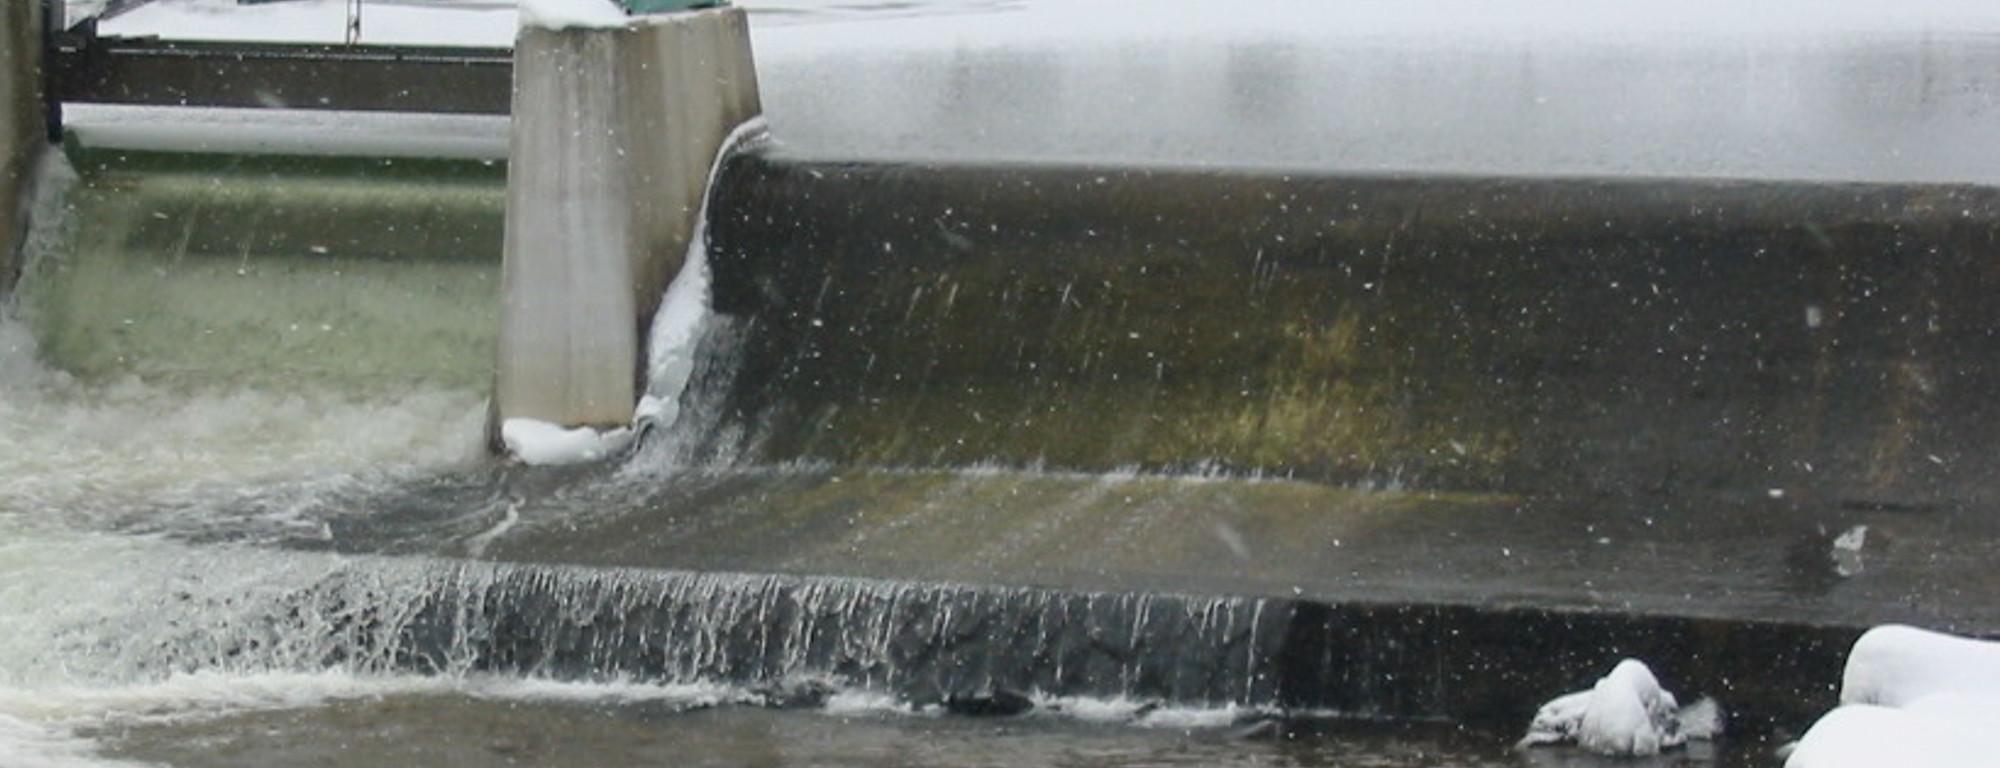 Hamlin Dam Inspection